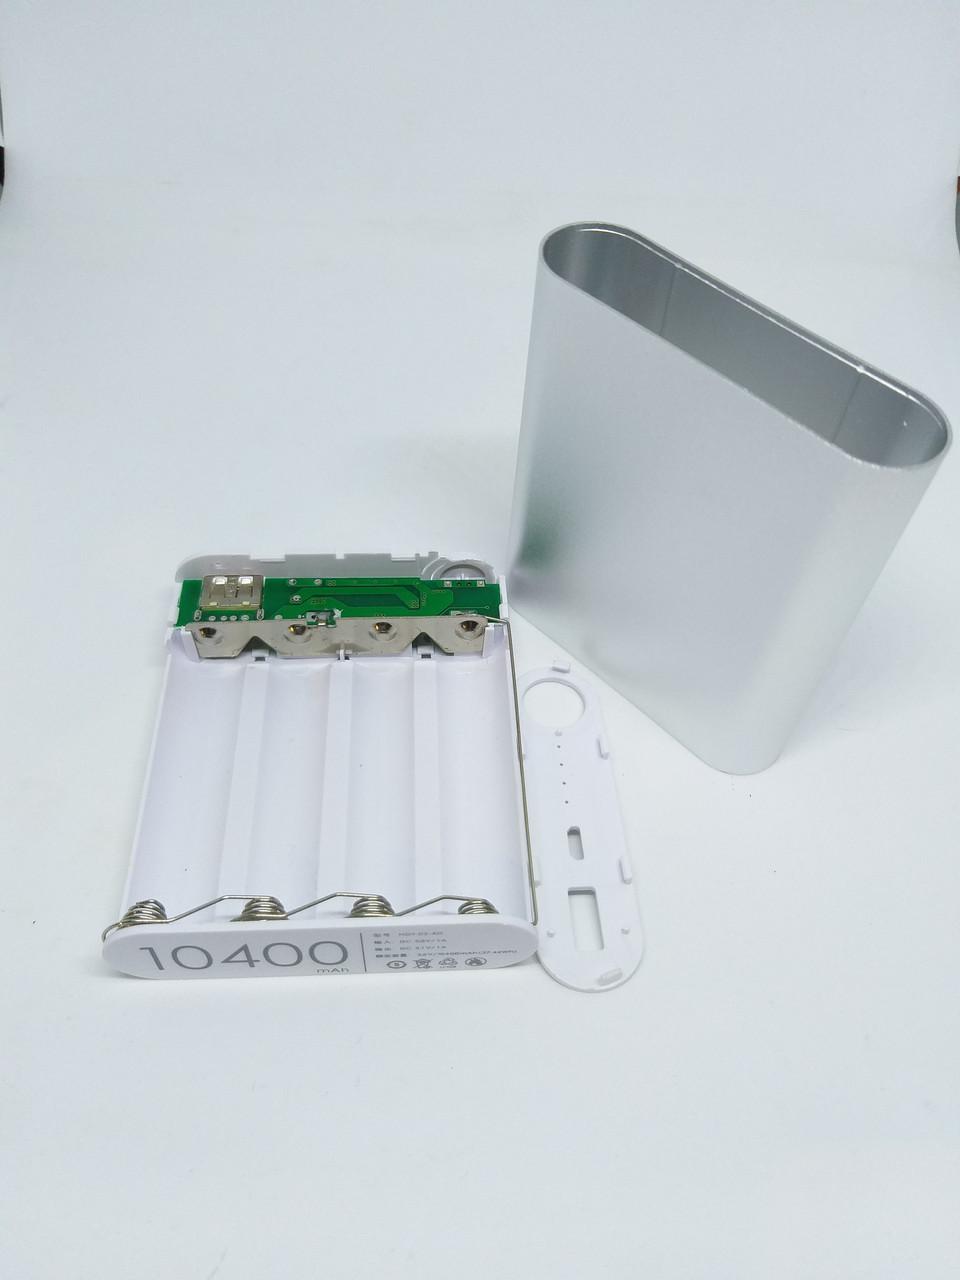 Корпус power bank. 5 В 1.0A бокс на 4X18650 светодиодный индикатор Внешнее Зарядное Устройство